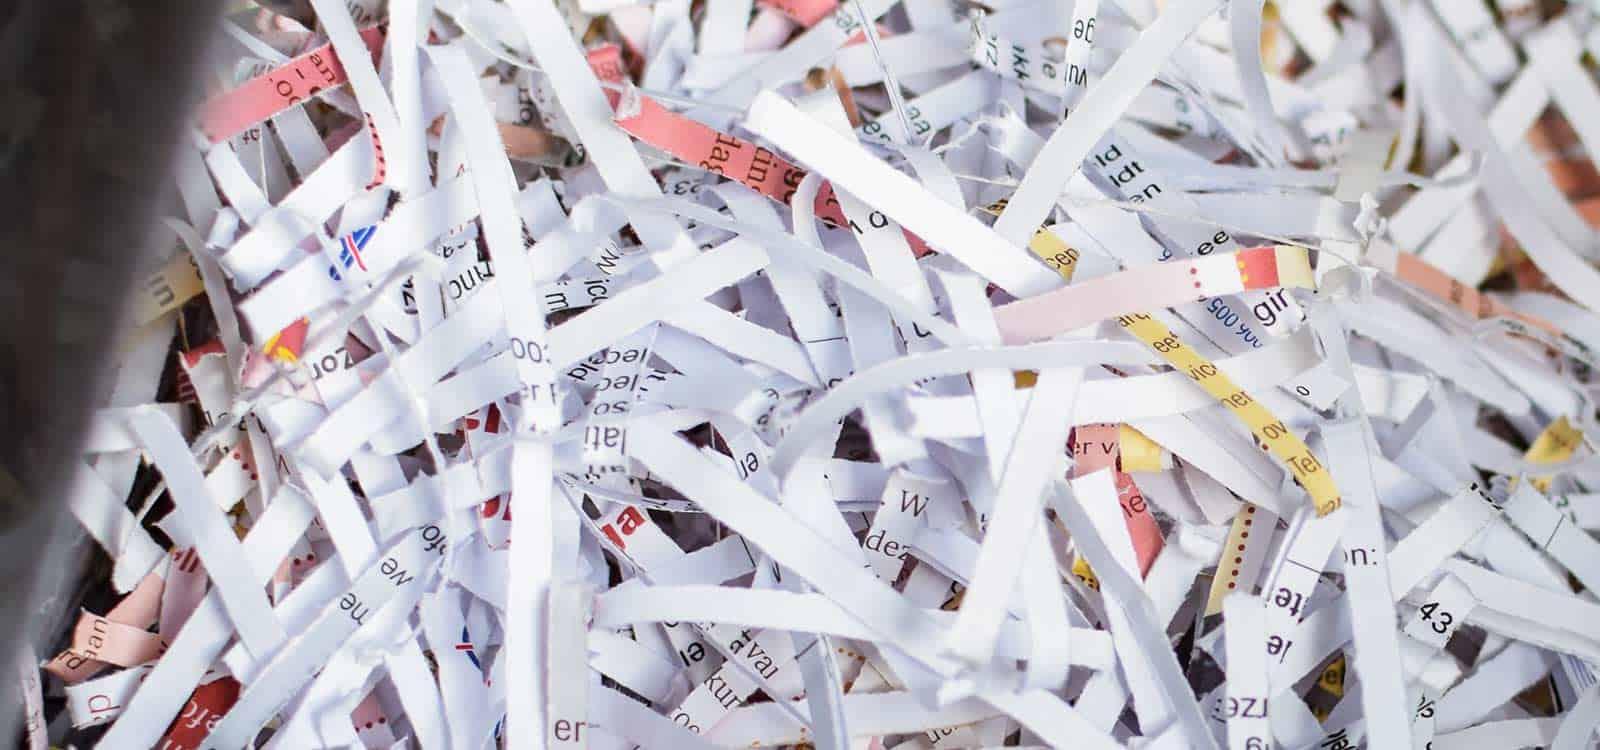 micro-cut-vs-cross-cut-paper-shredder-machine-p4-p5-security-levels